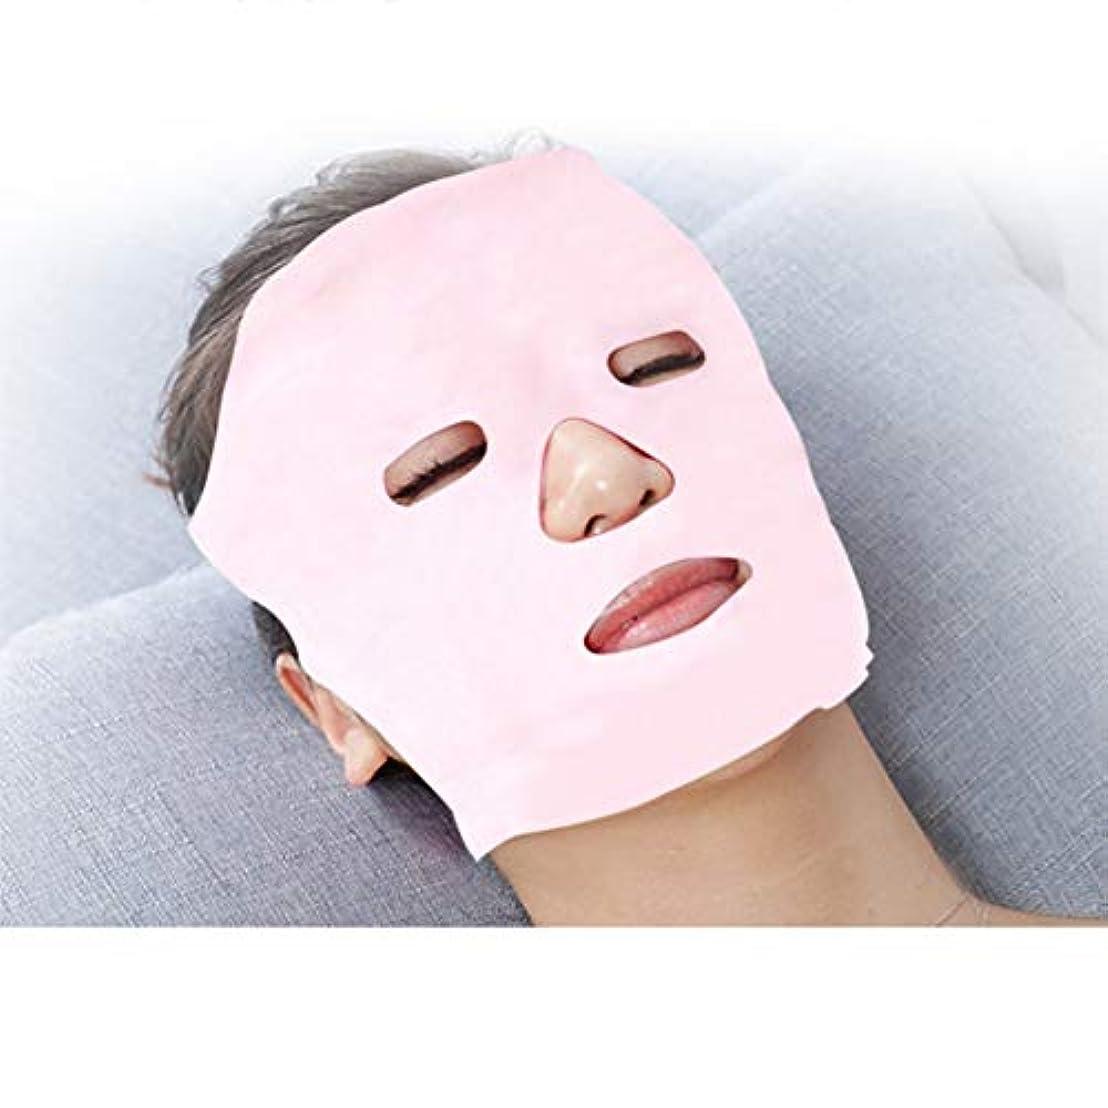 露出度の高いシングル生物学トルマリンジェル マグネットマスク マッサージマスク 颜美容 フェイスマスク 薄い顔 肤色を明るく ヘルスケアマスク 磁気 ェイスポーチ Cutelove